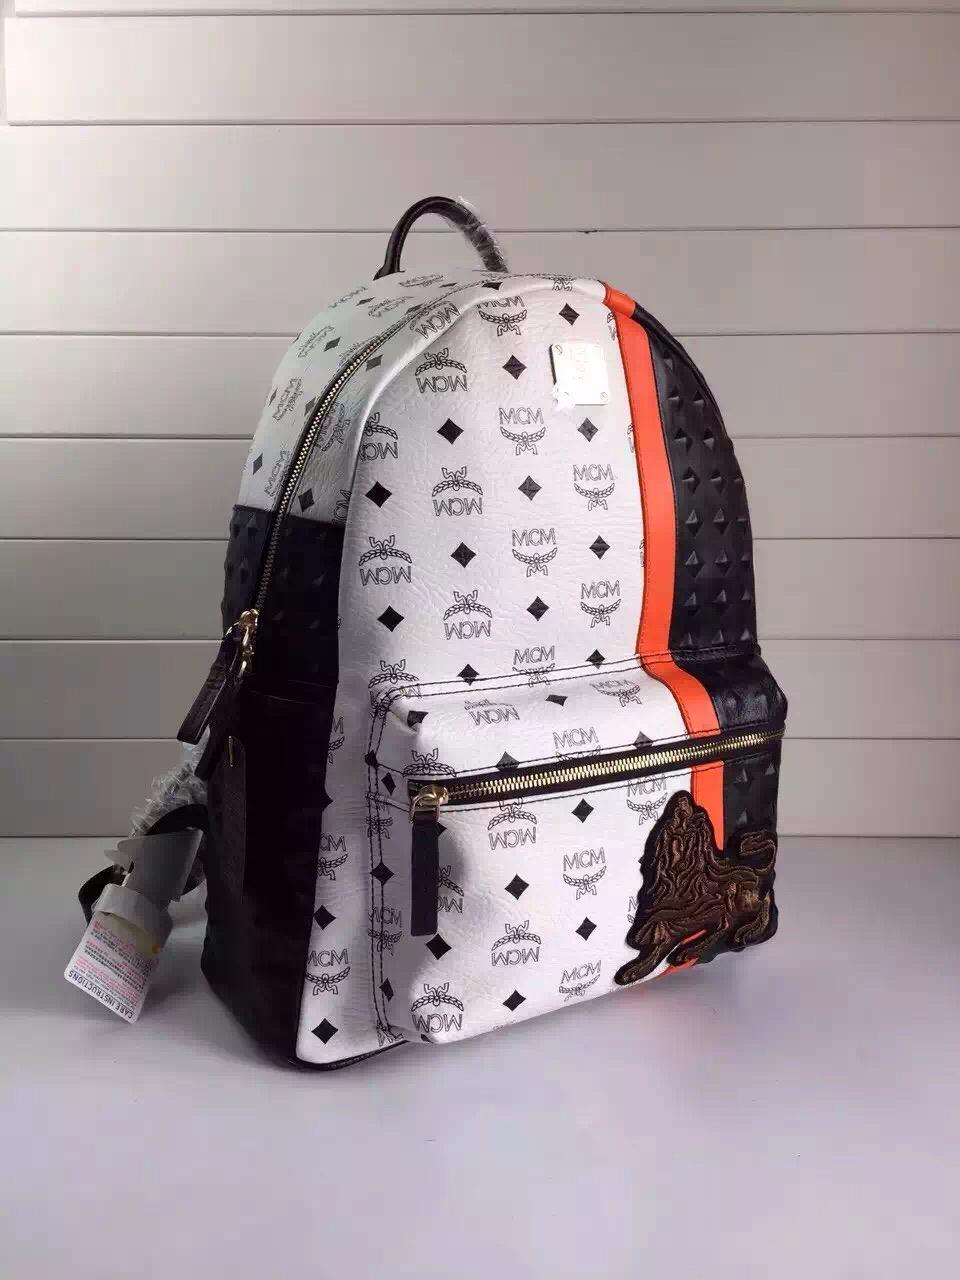 MCM原单 MUNICH LION时尚拼色双肩包 全套包装 白色